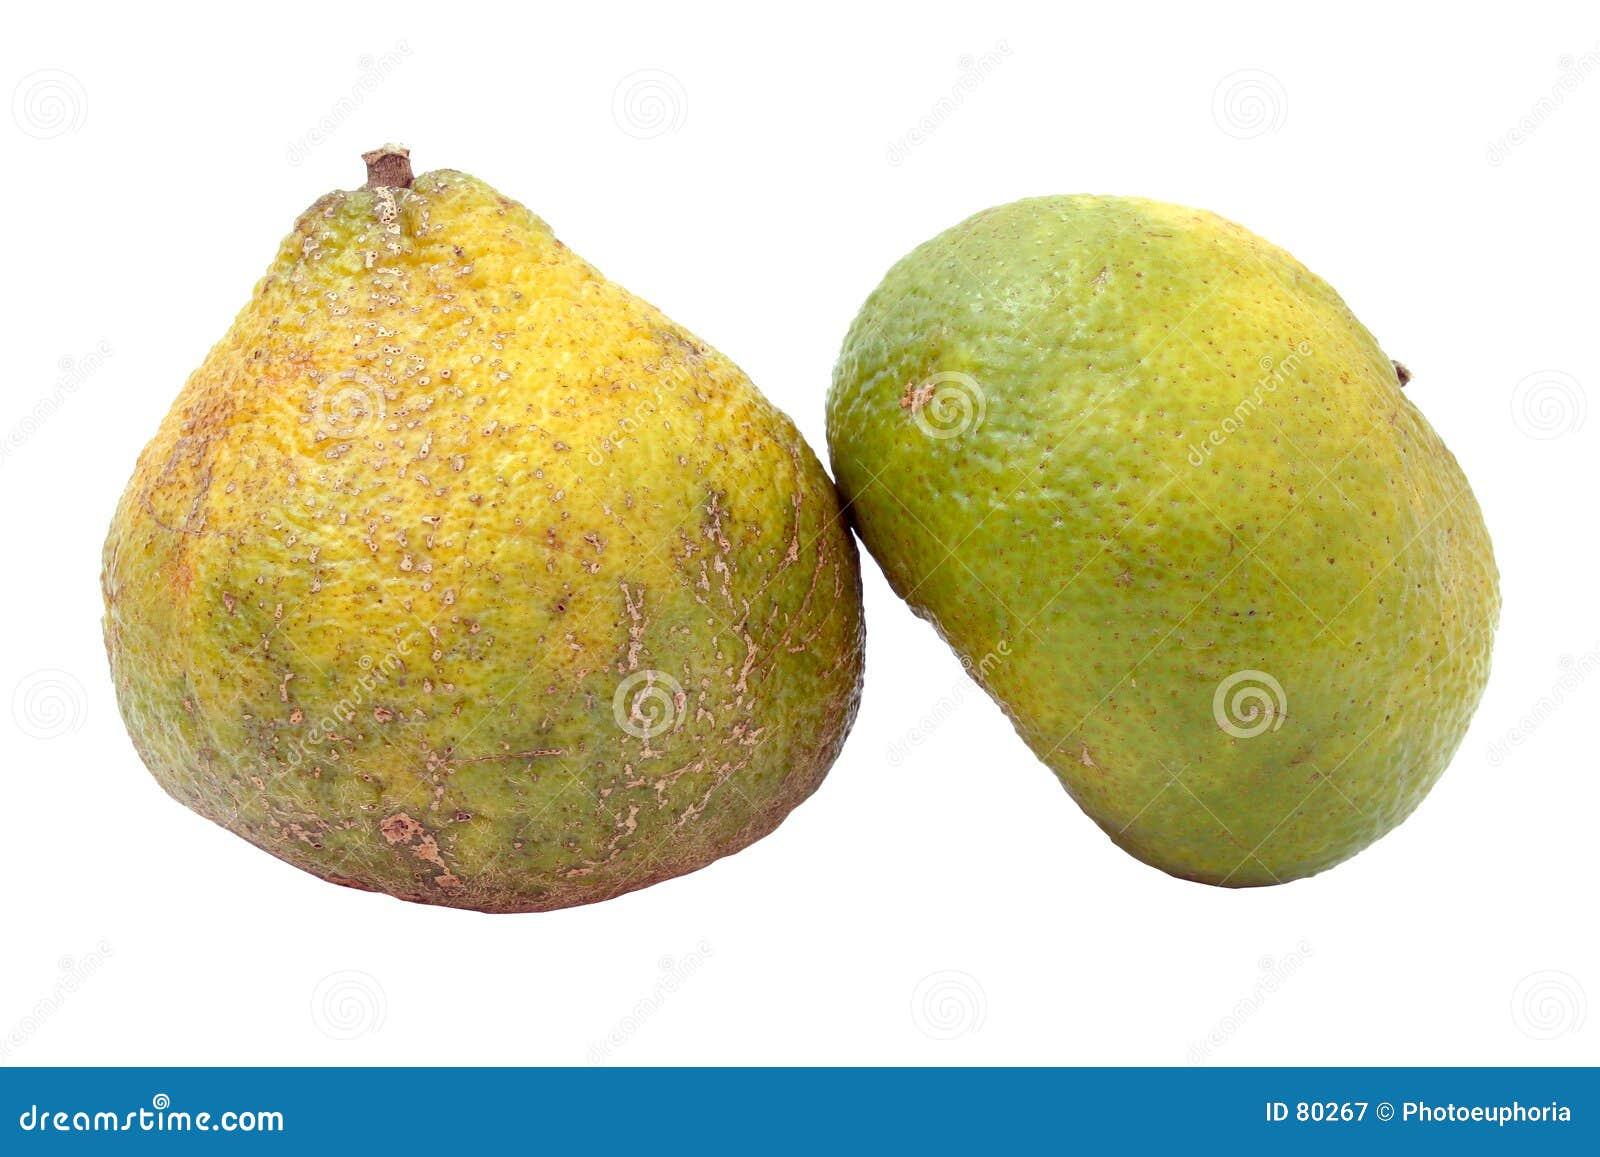 Nazywa się również ugli uniq owocowy